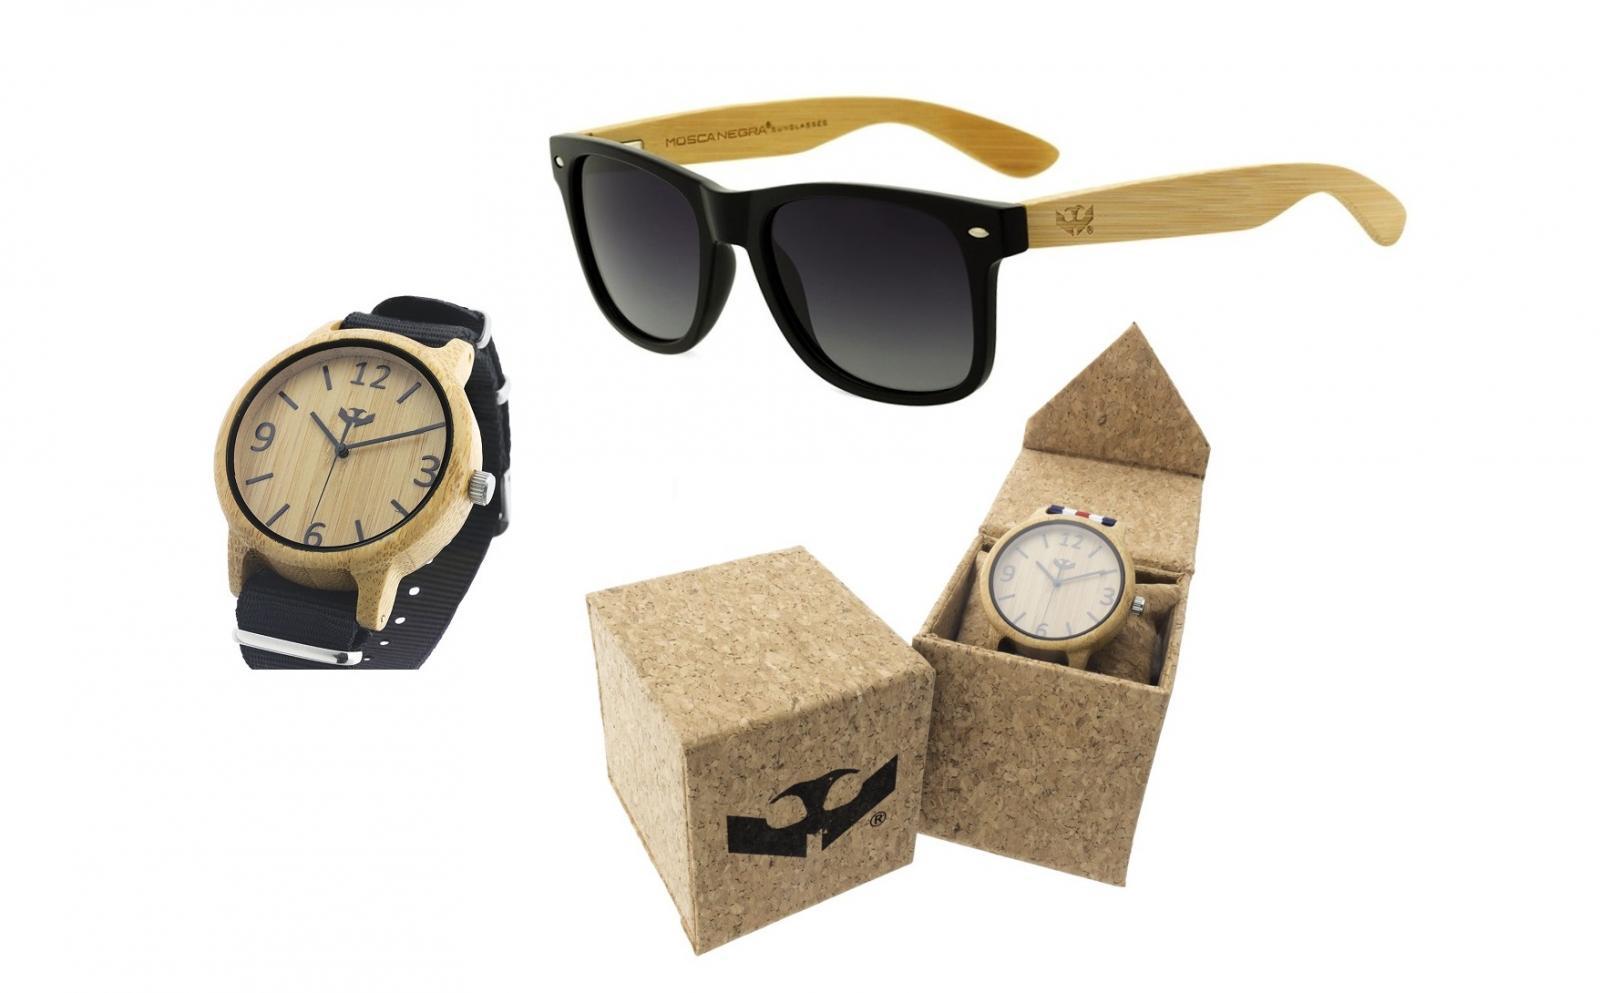 PACK Gafas Madera + Reloj Madera (puedes elegir modelos y colores) - Envío GRATIS!